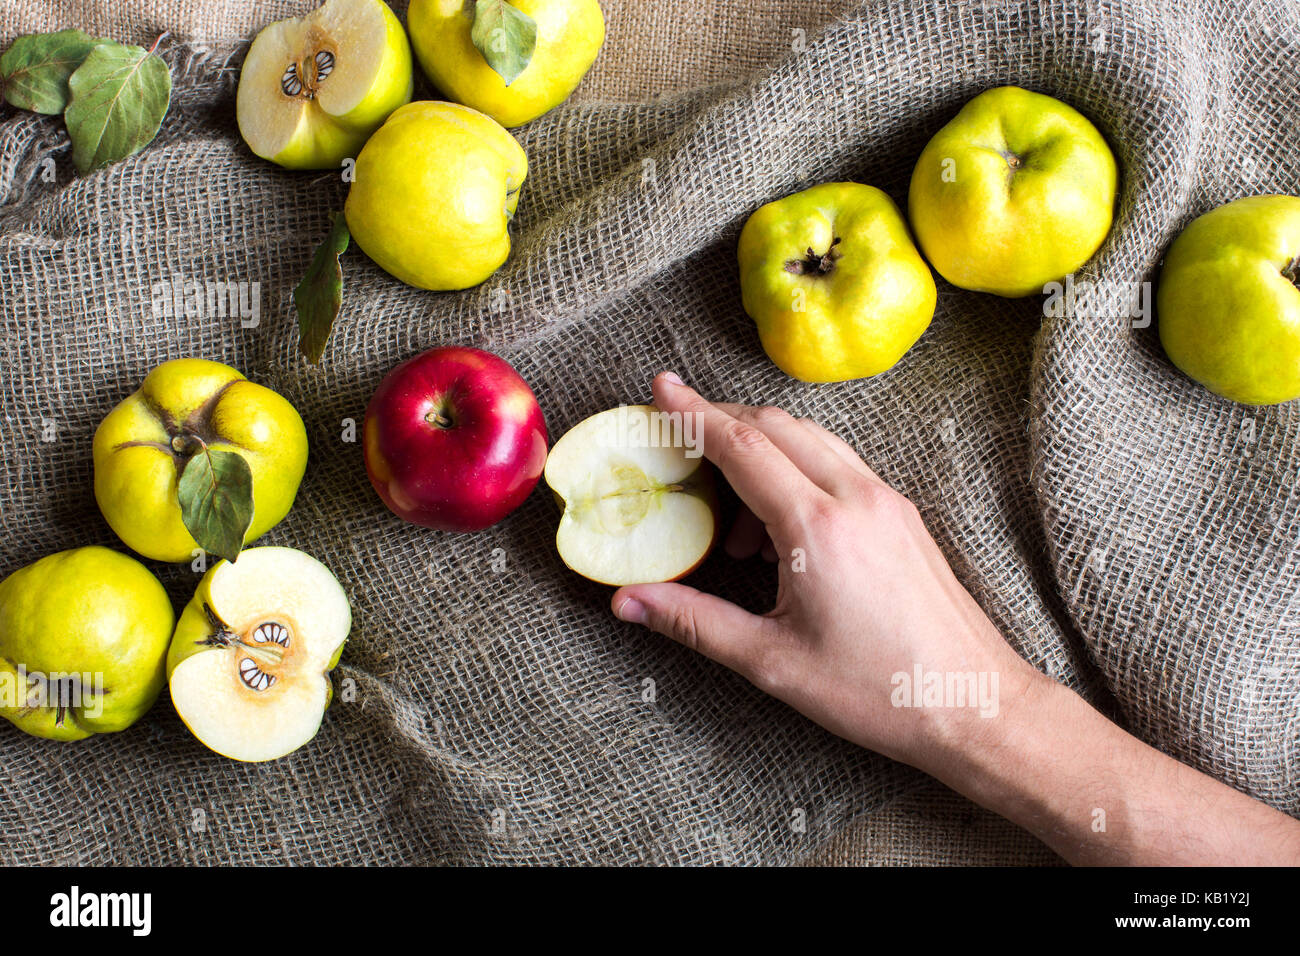 Herbst, Ernte, essen Konzept. Auf dem Grau texturierte fabrick sack Es gibt viele Früchte, grünen und Stockbild